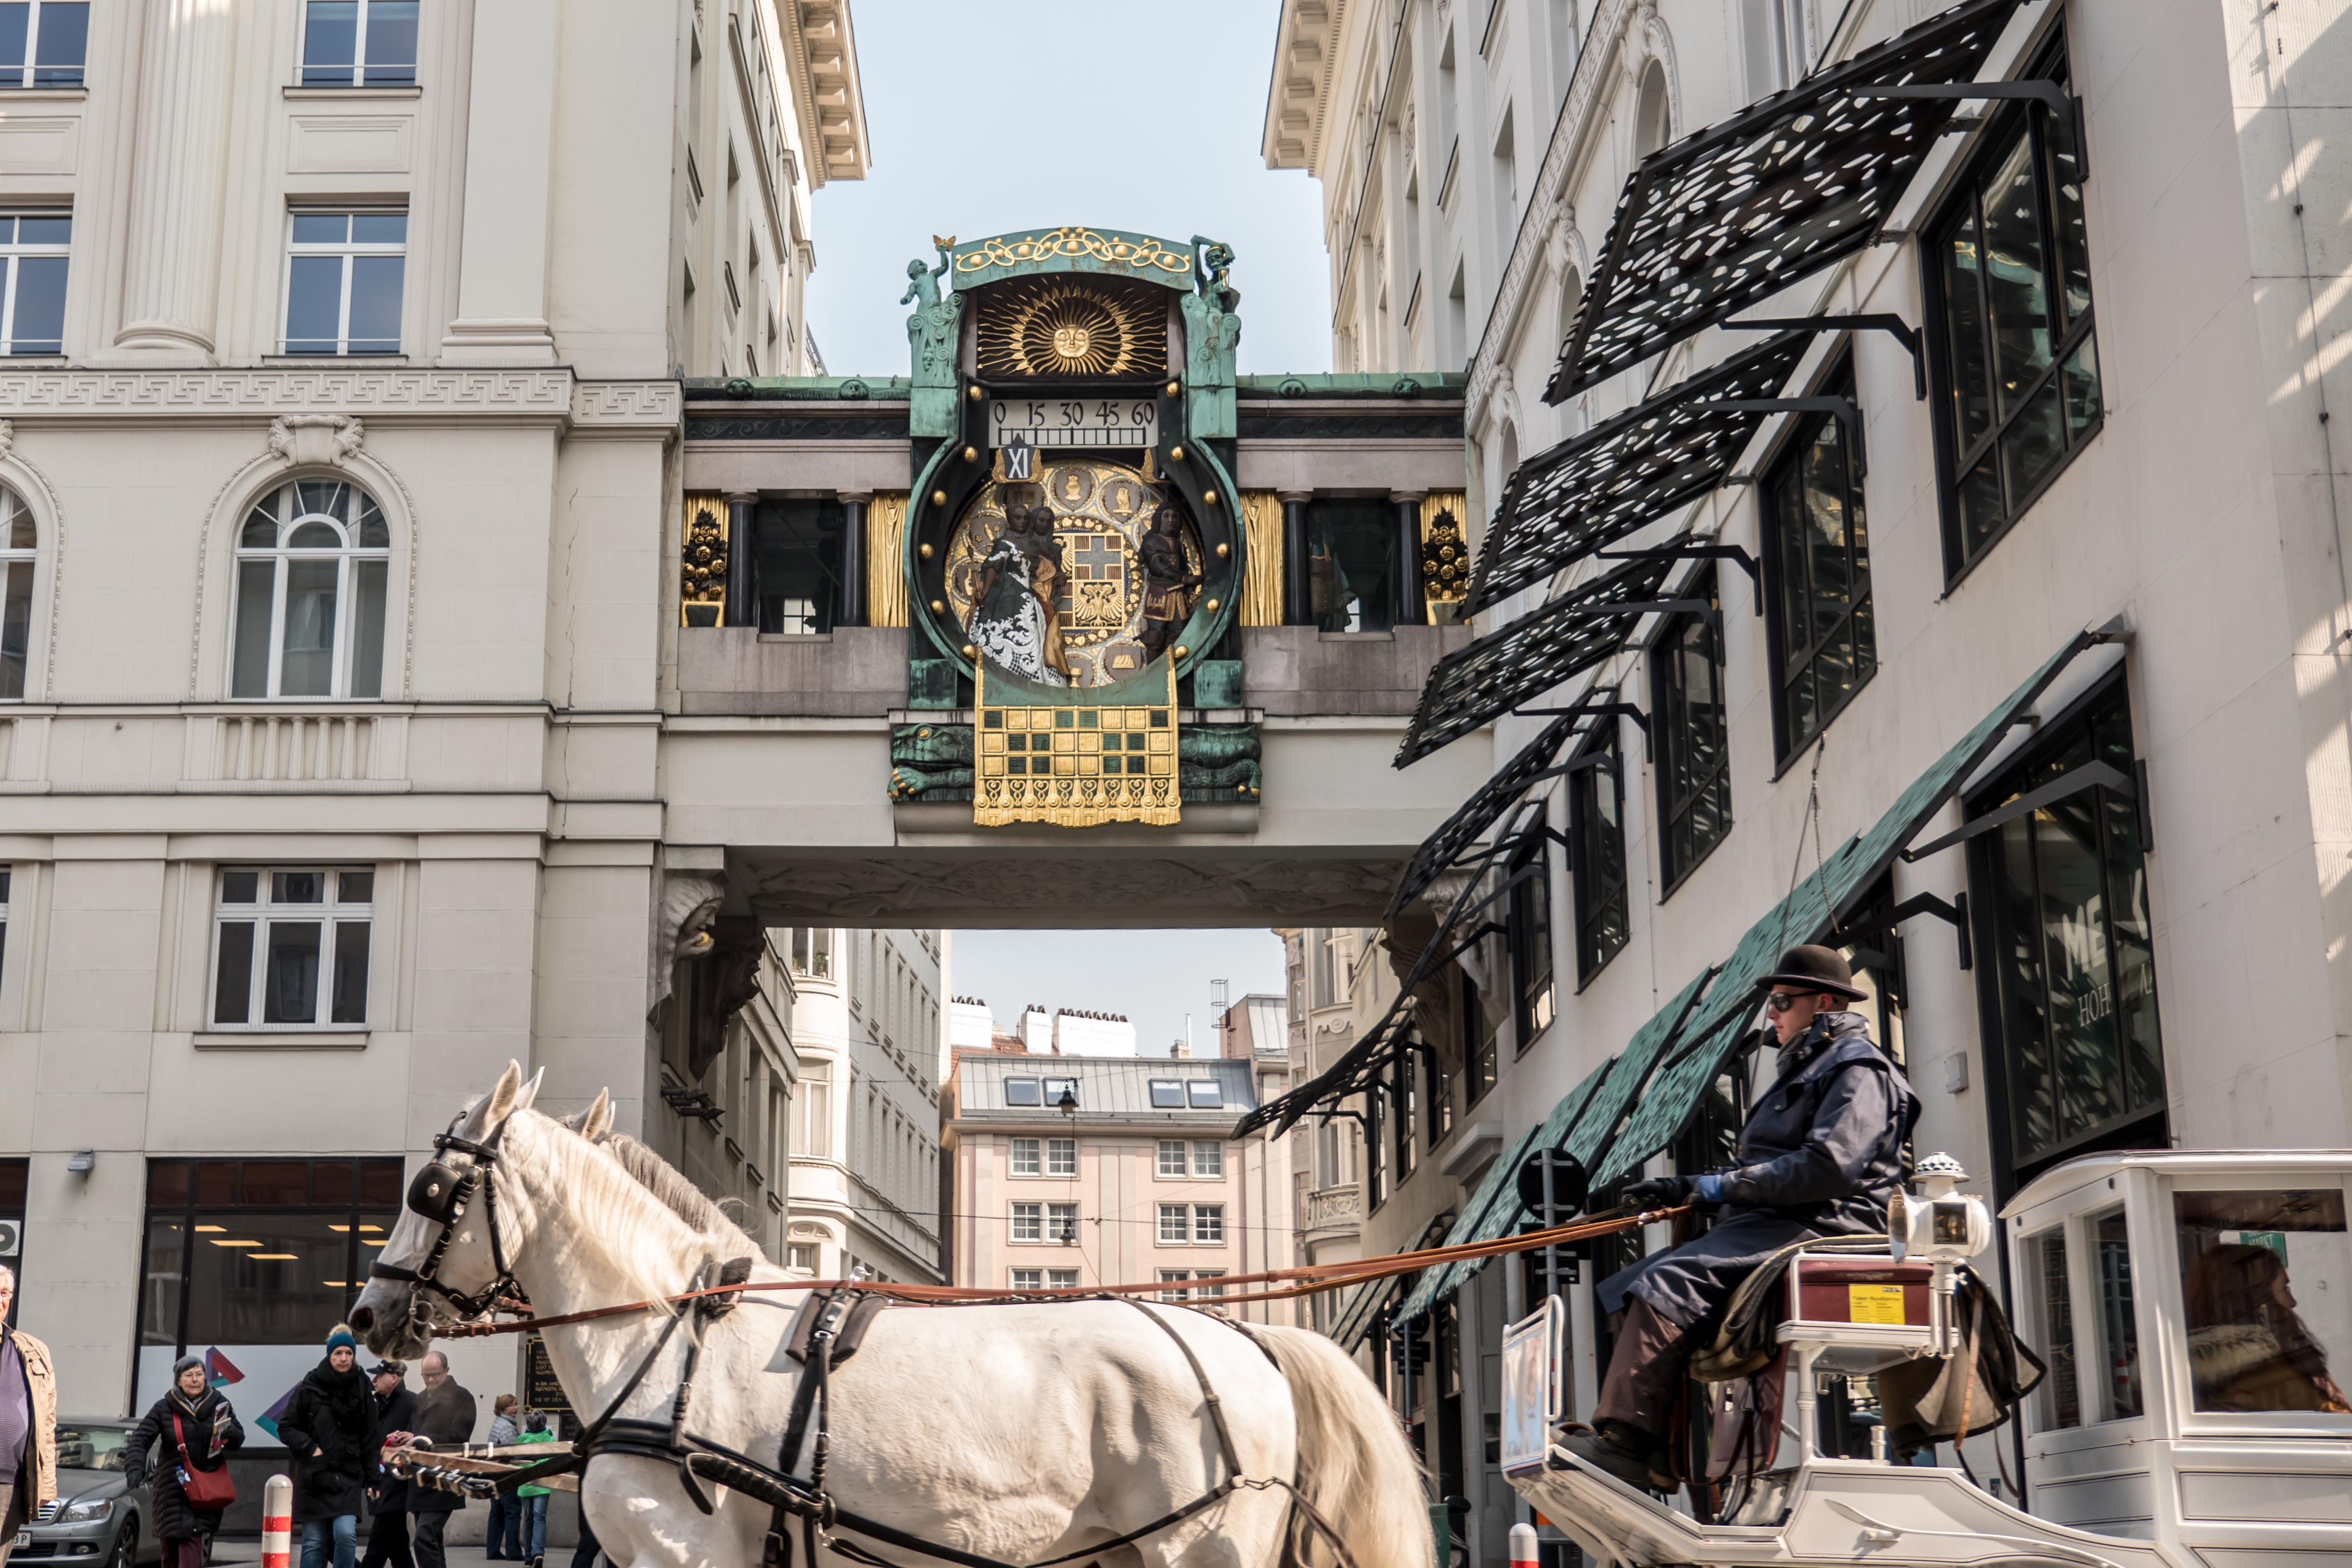 Ankeruhr Wien